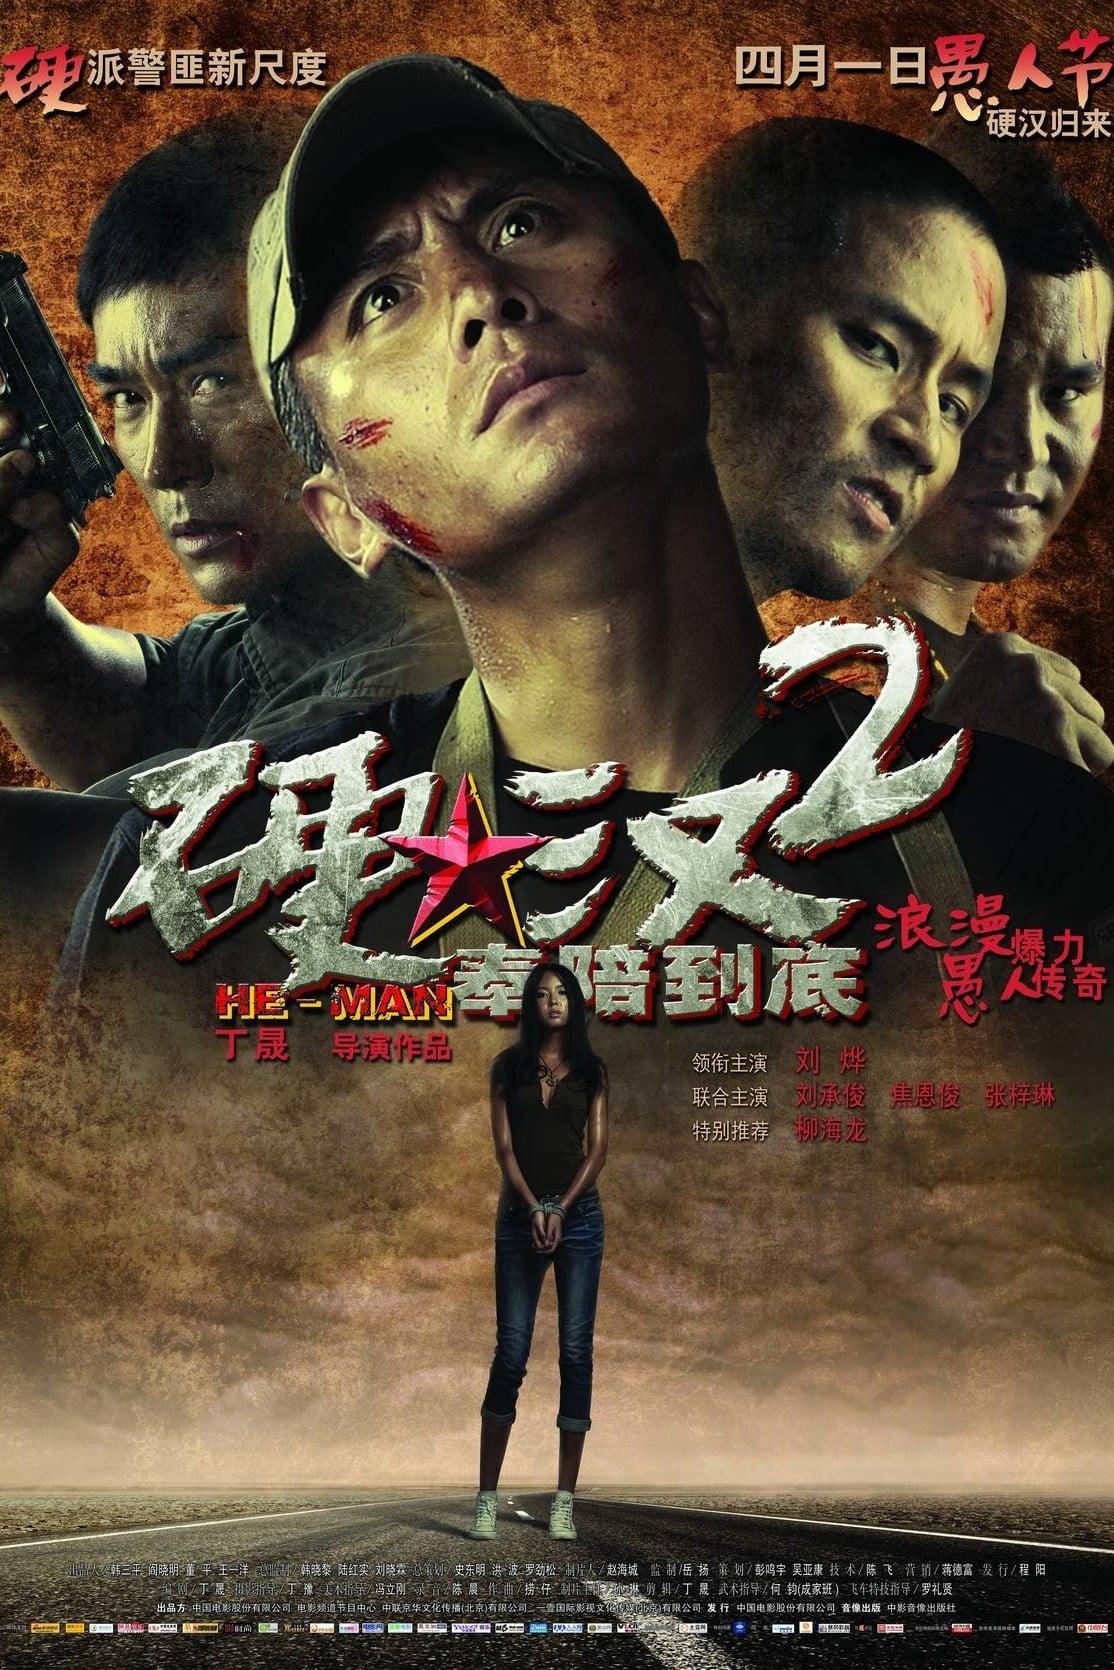 Underdog Knight 2 (2011)